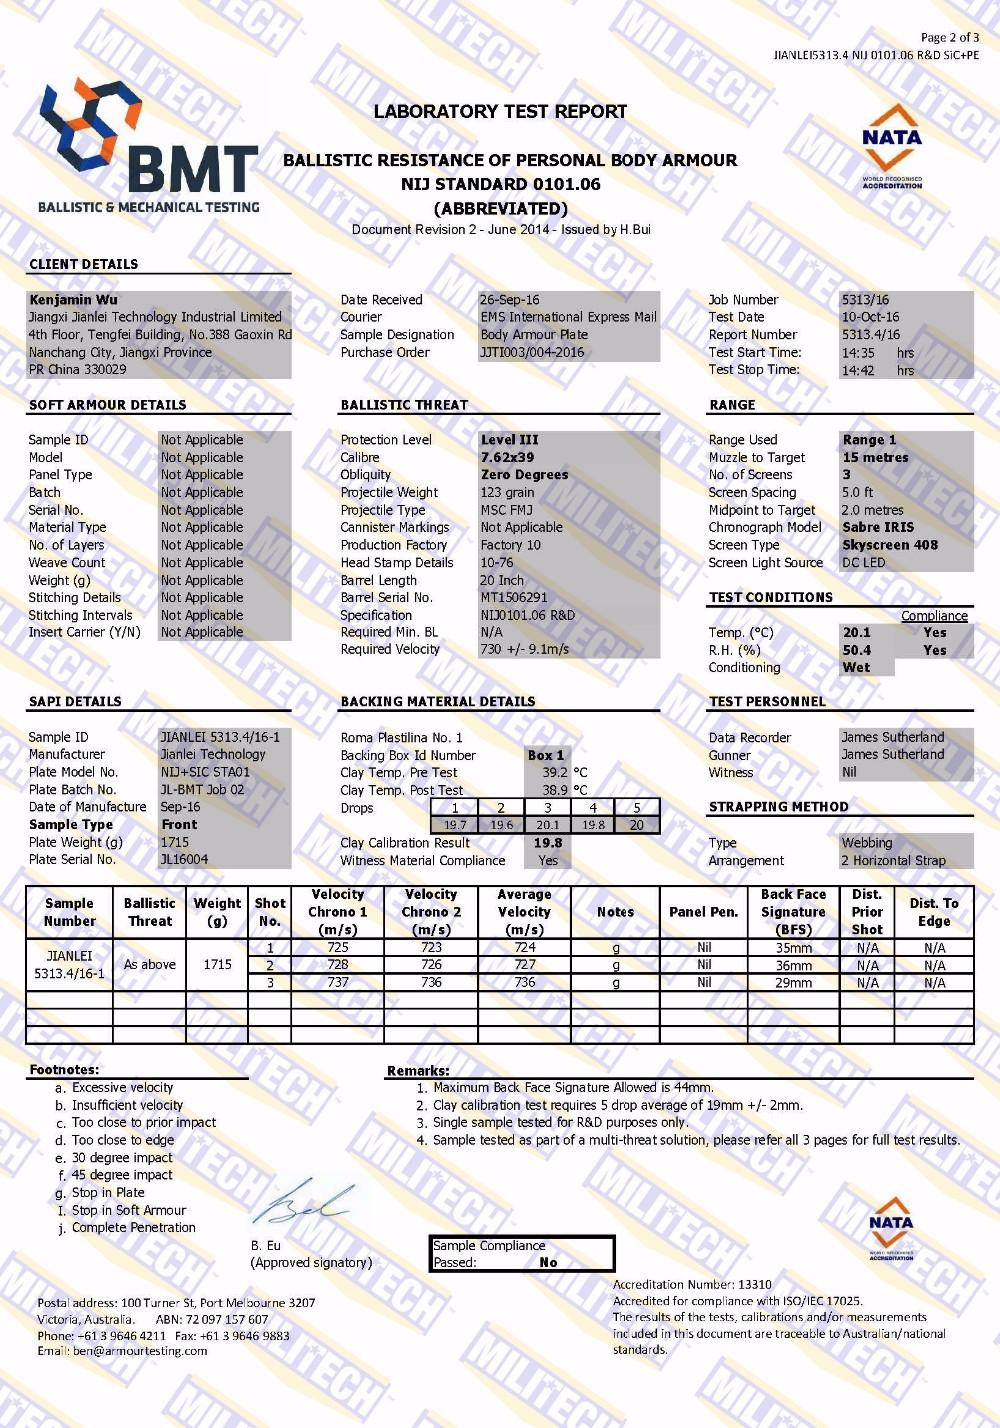 JIANLEI5313.4 NIJ 0101.06 R&D SiC+PE_Page_2